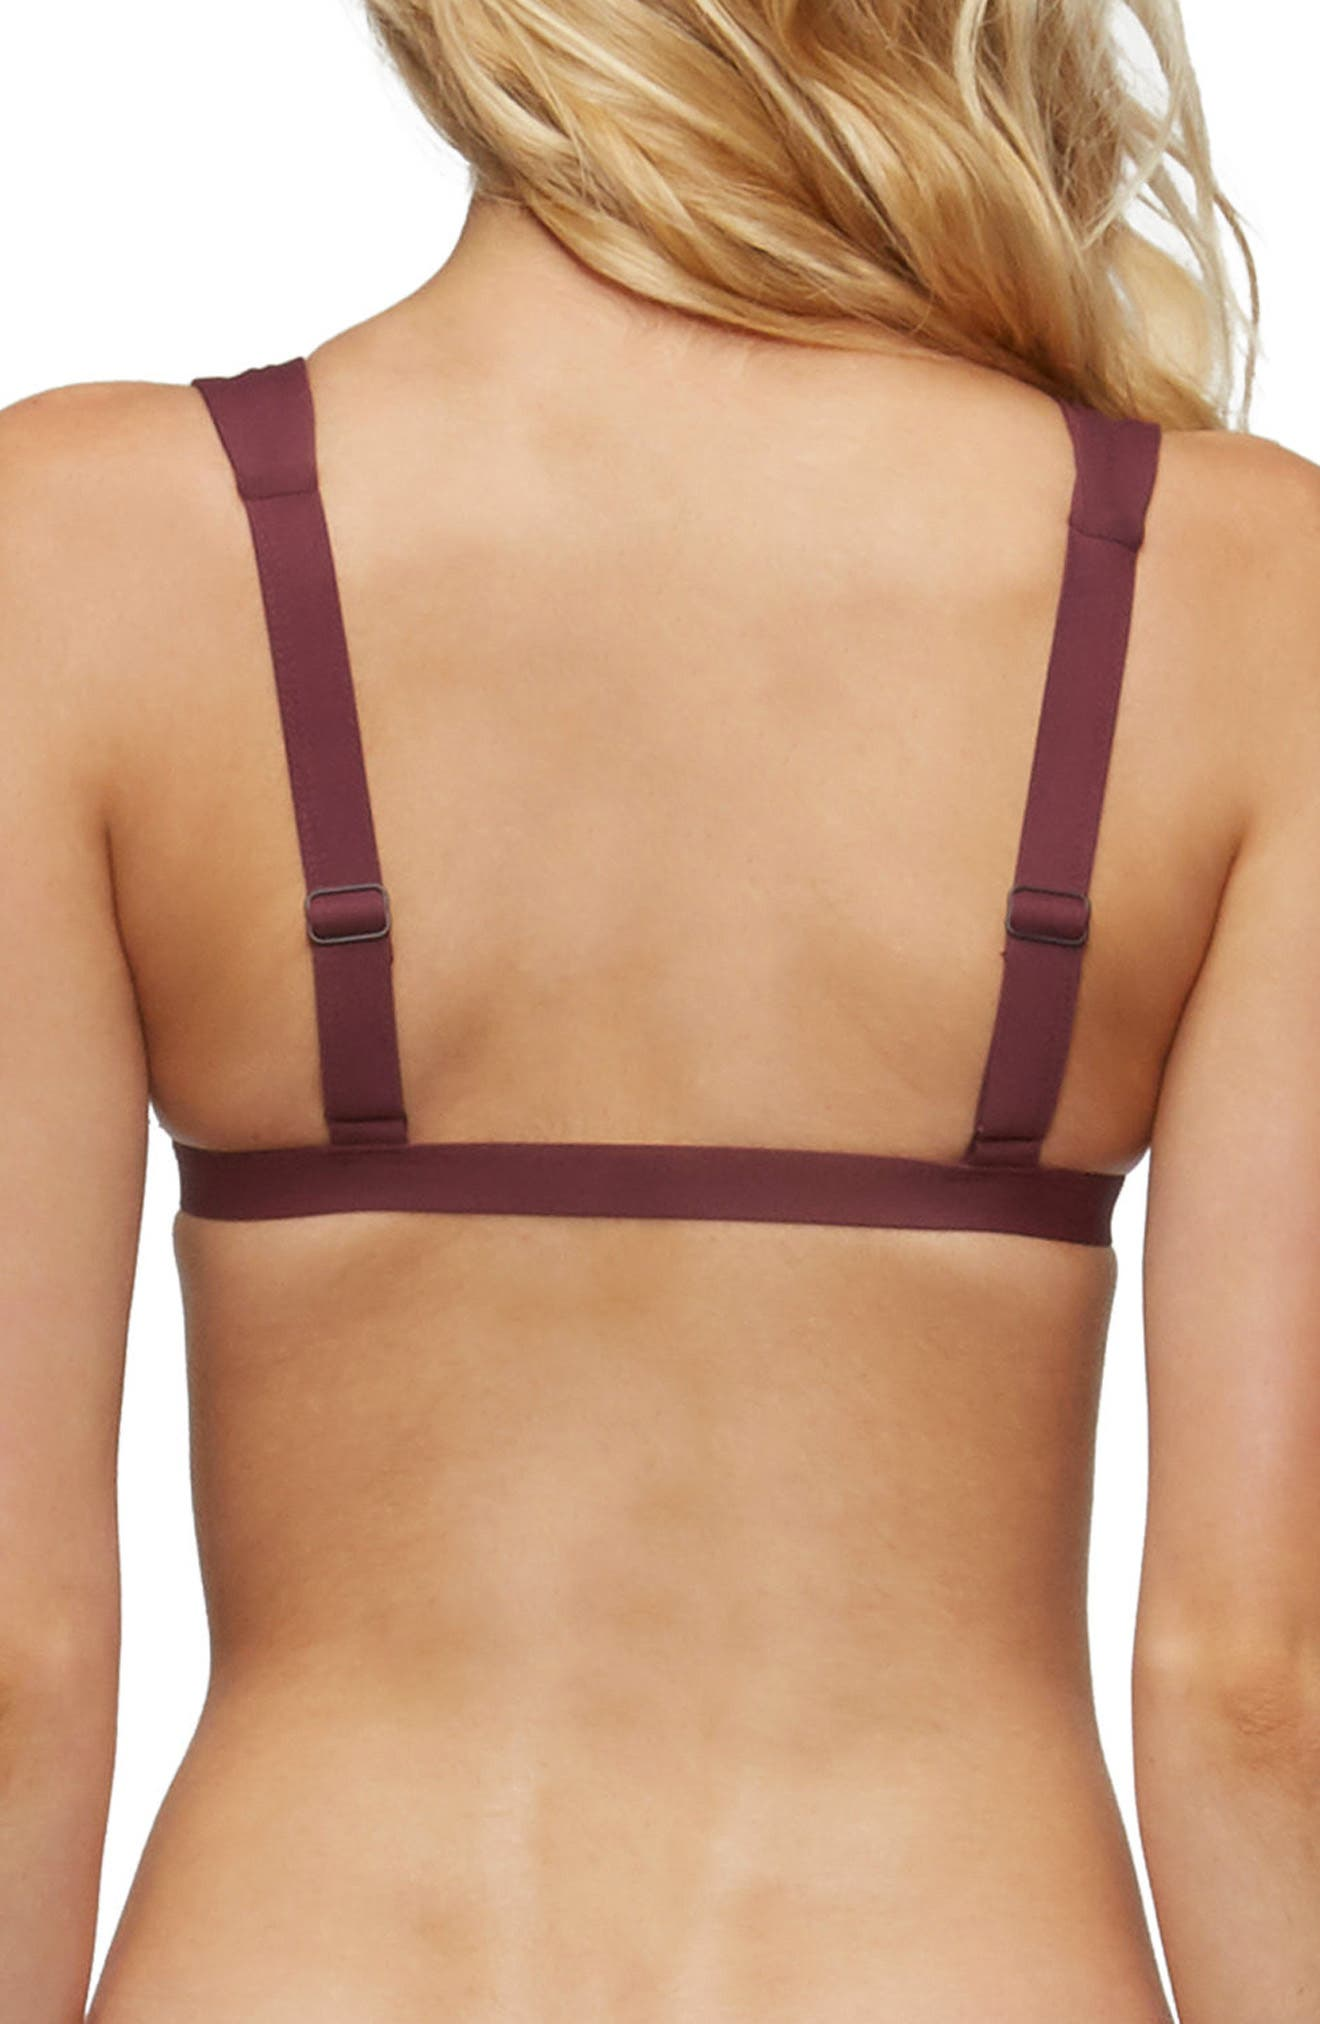 Caroline Bikini Top,                             Alternate thumbnail 2, color,                             600